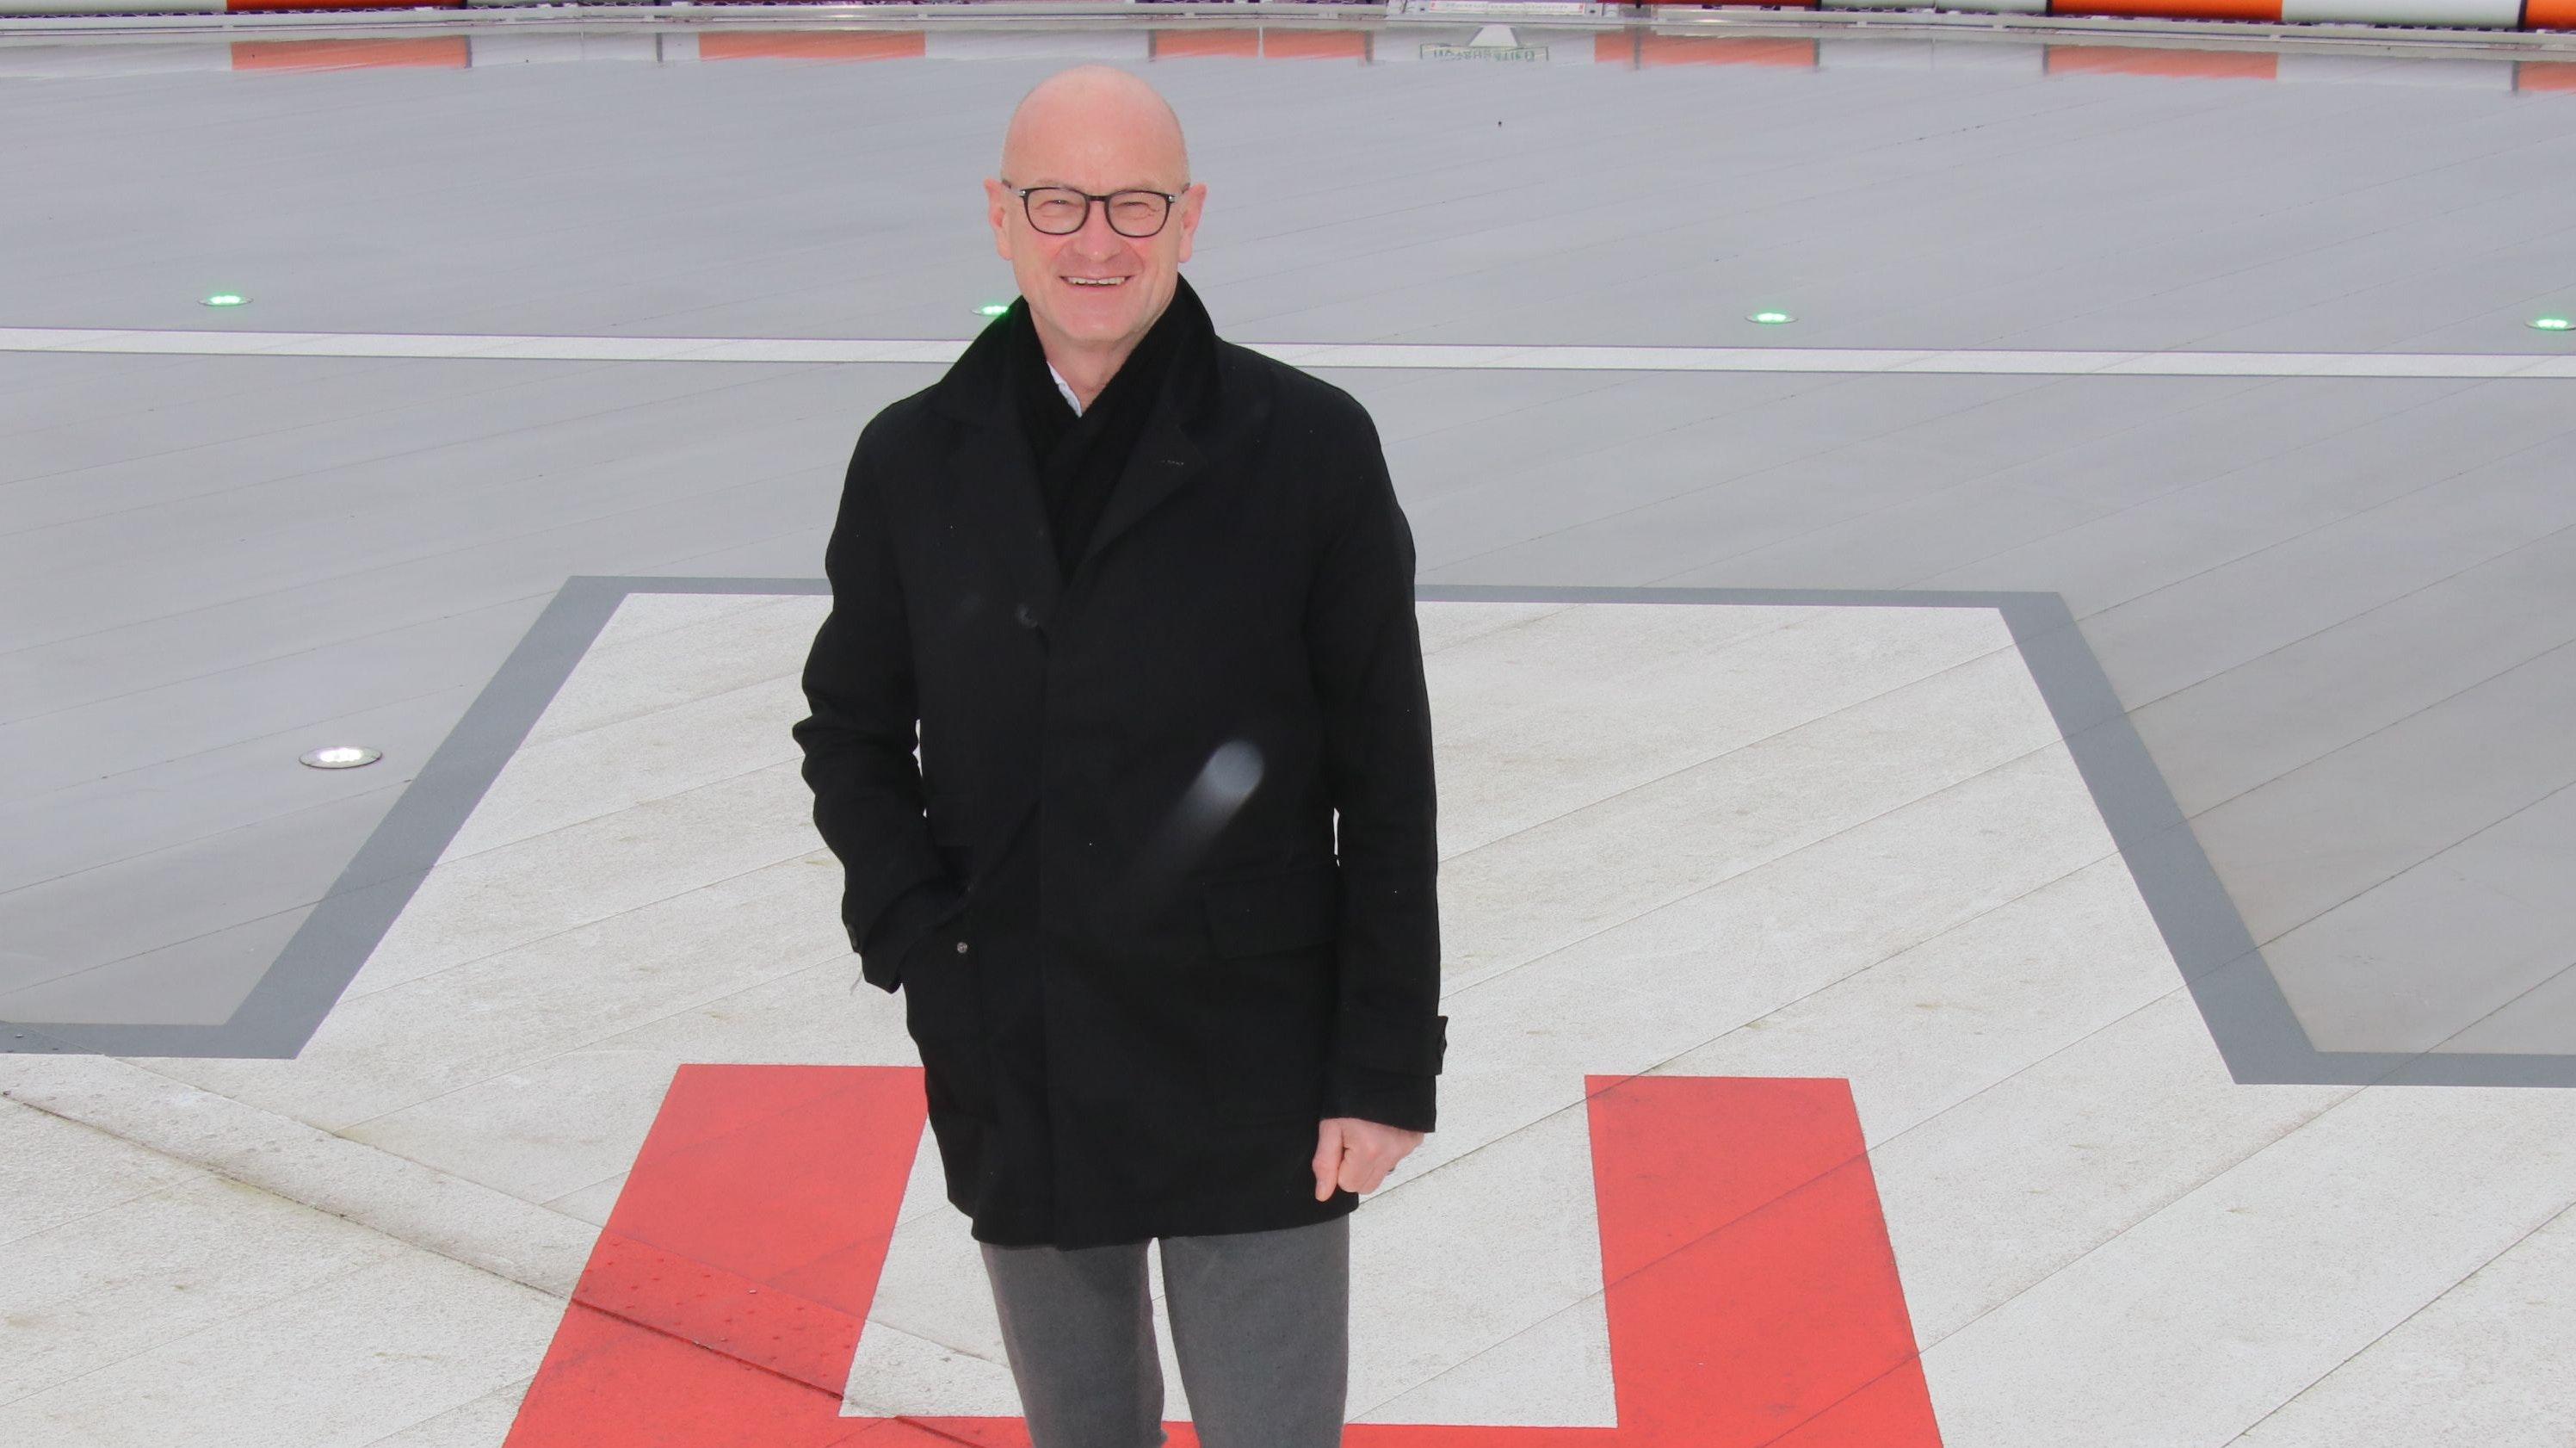 Geht: Ralf Grieshop verlässt das Dammer Krankenhaus zum 1. April. Foto: Lammert